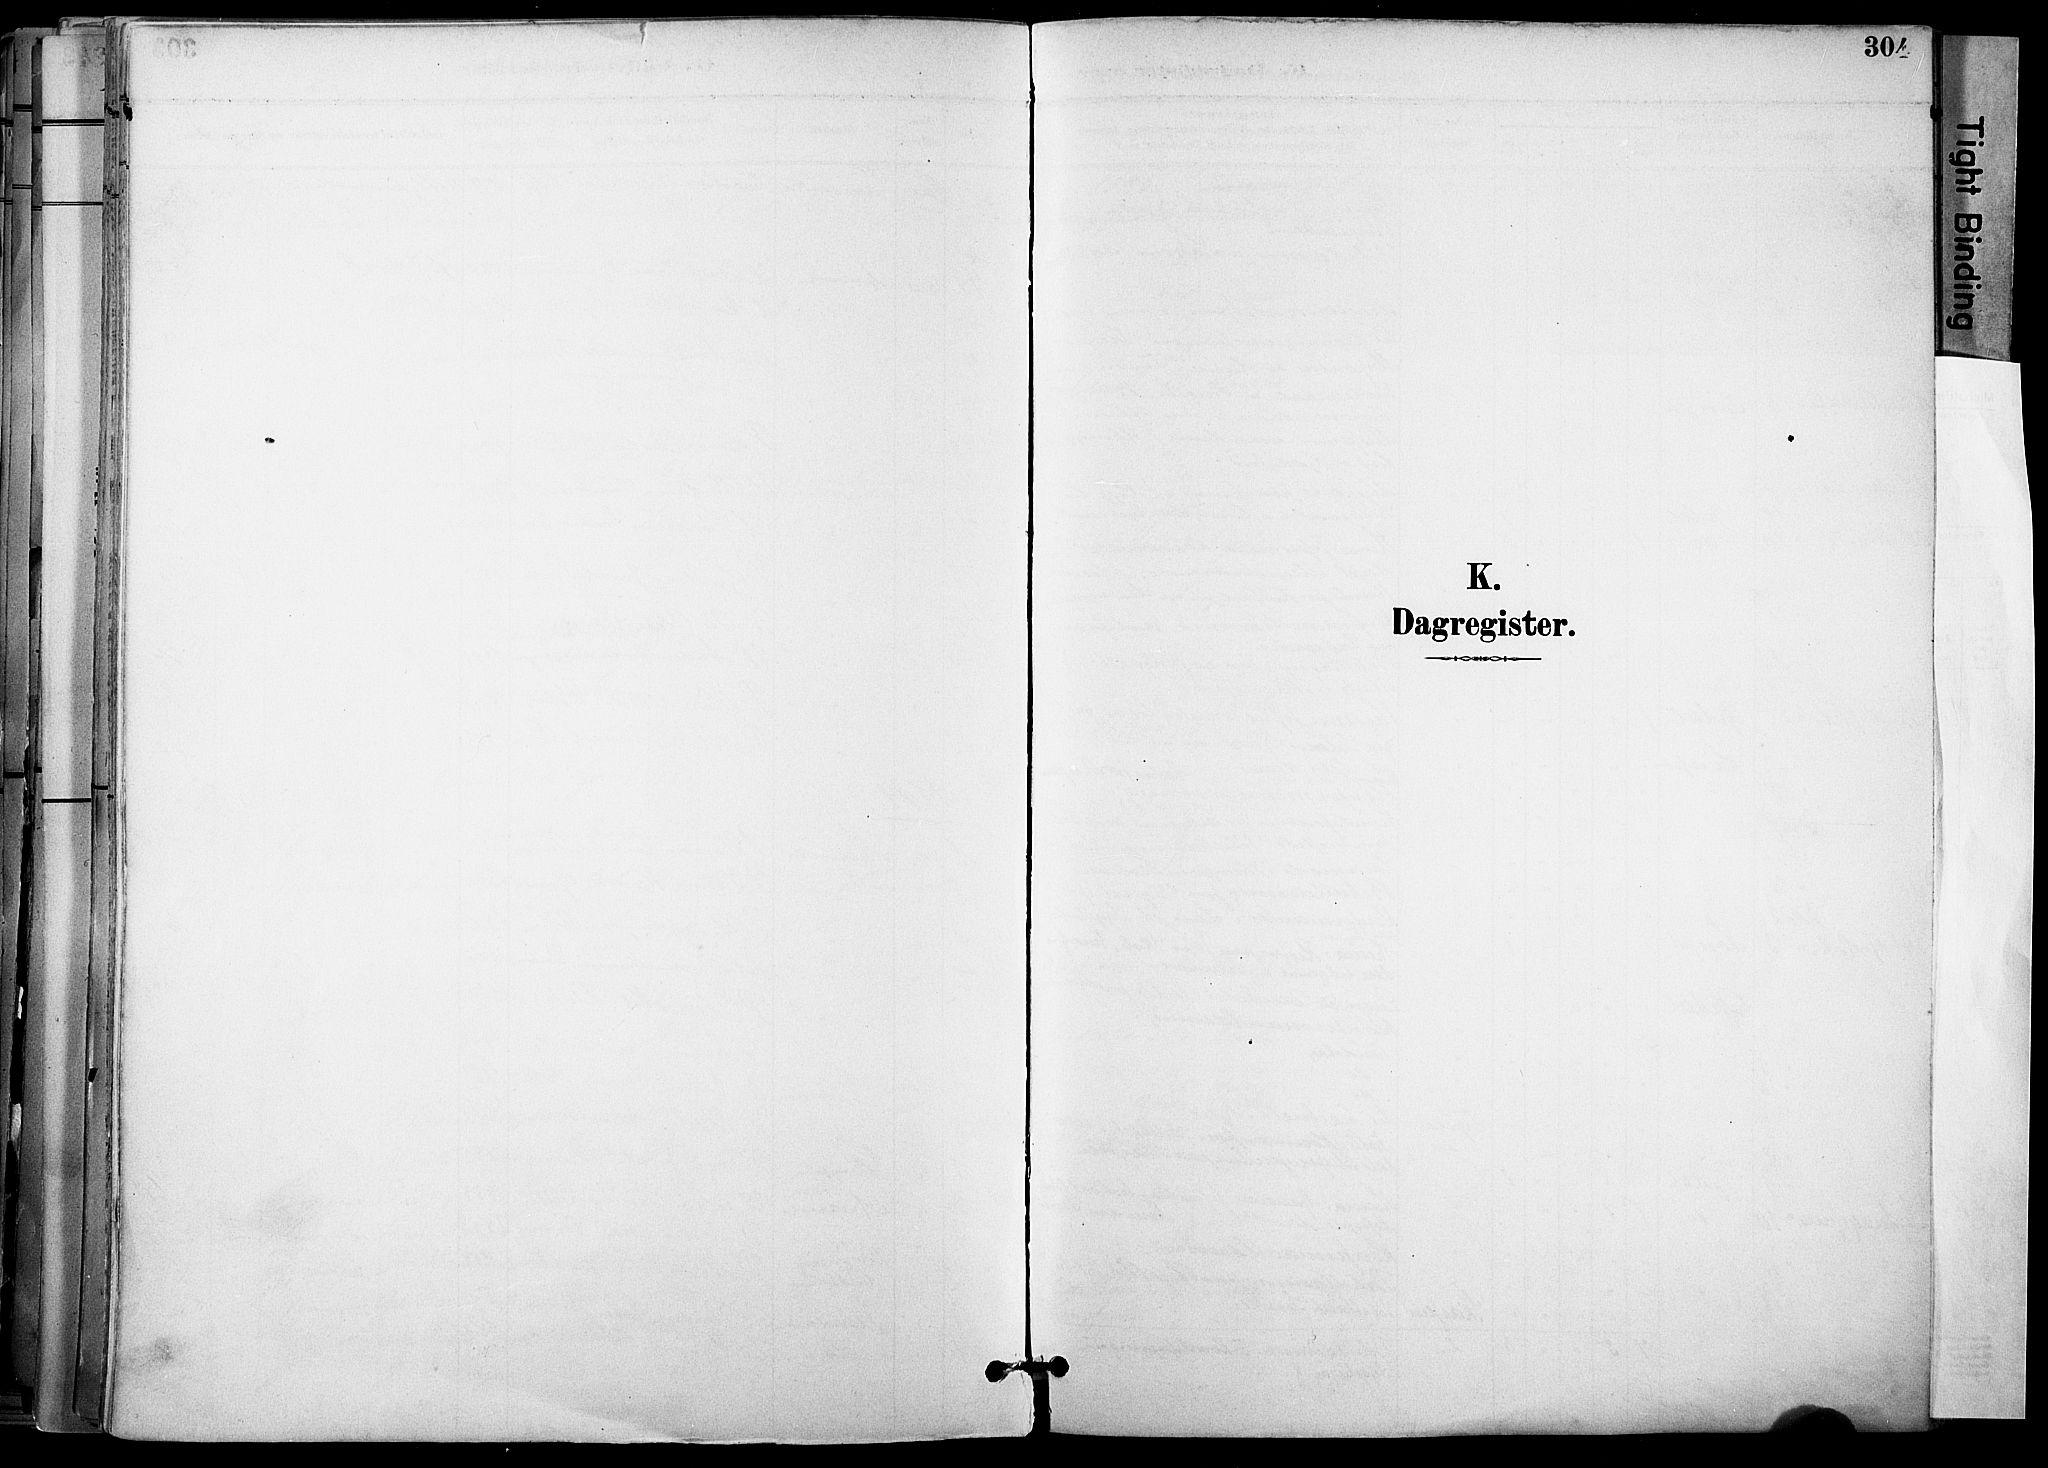 SAT, Ministerialprotokoller, klokkerbøker og fødselsregistre - Sør-Trøndelag, 678/L0902: Ministerialbok nr. 678A11, 1895-1911, s. 304